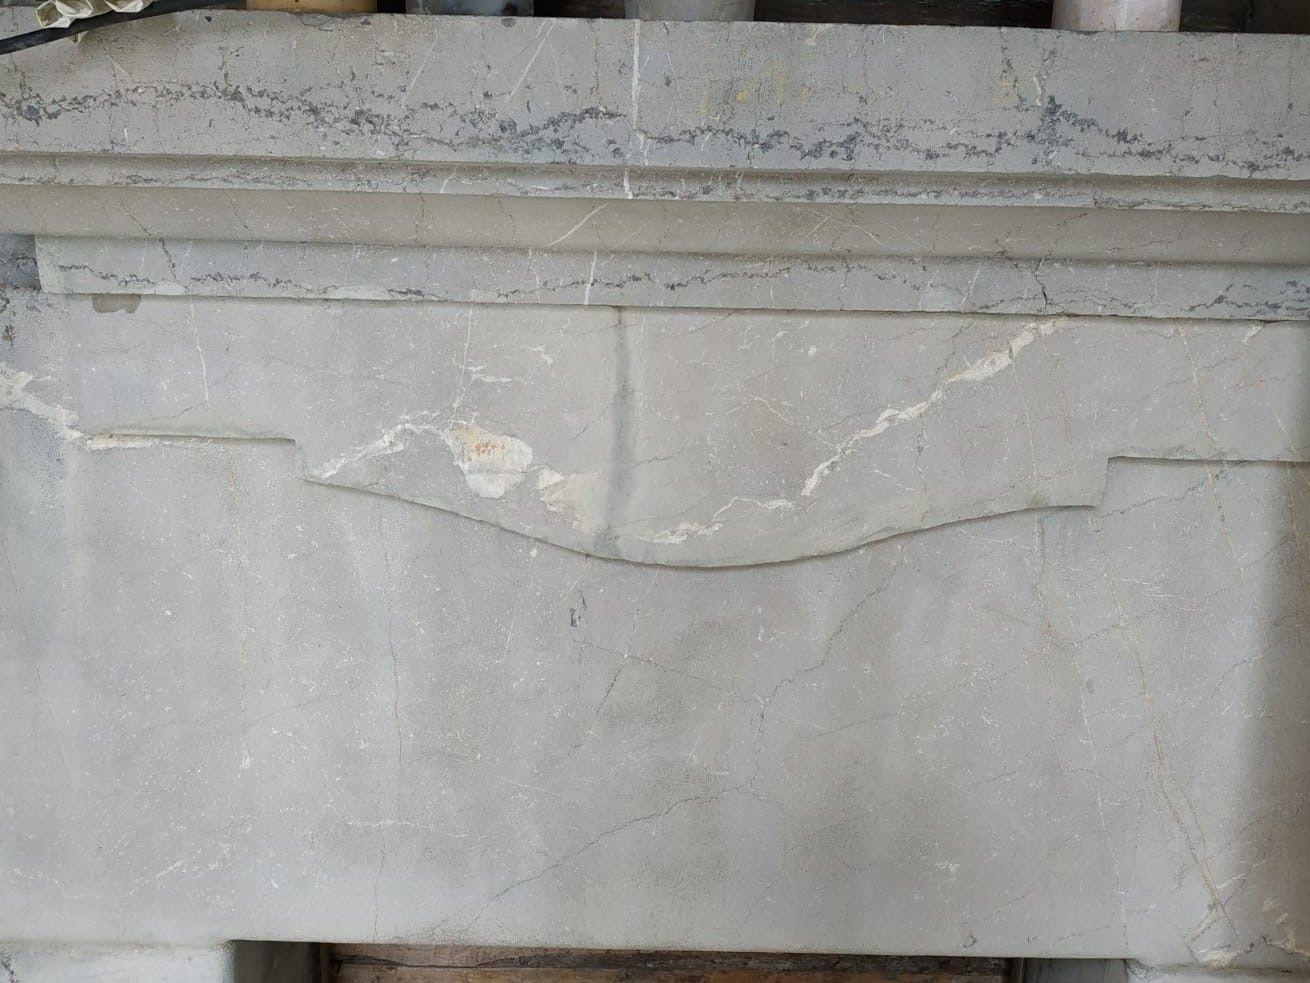 Rehabilitación de superficies de piedra en Gijón